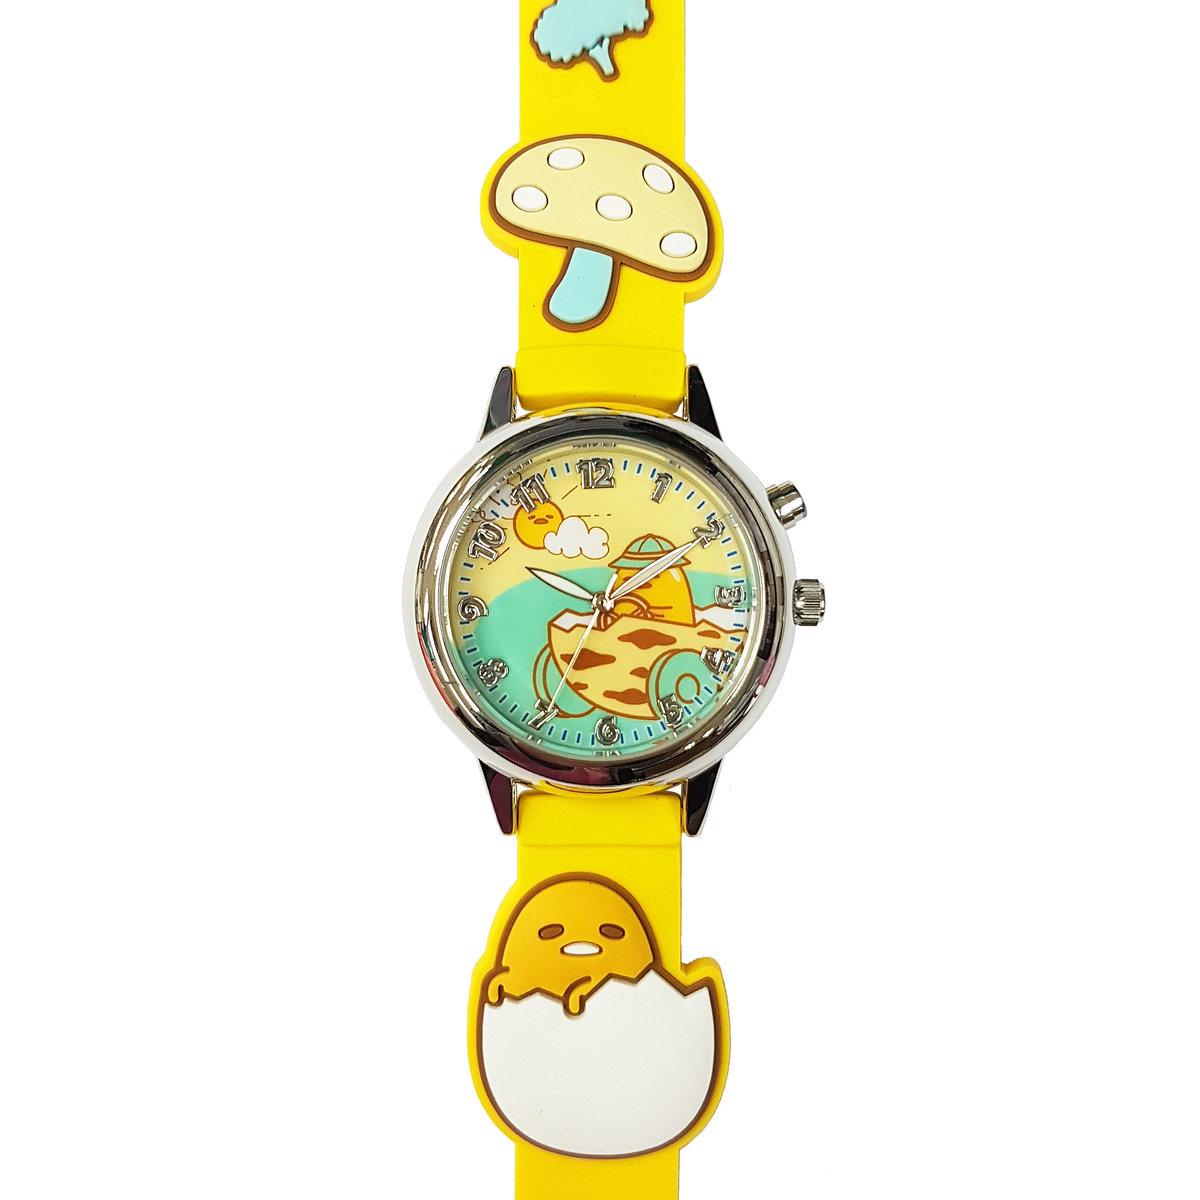 SANRIO - Gudetama light up quartz watch (Orange)